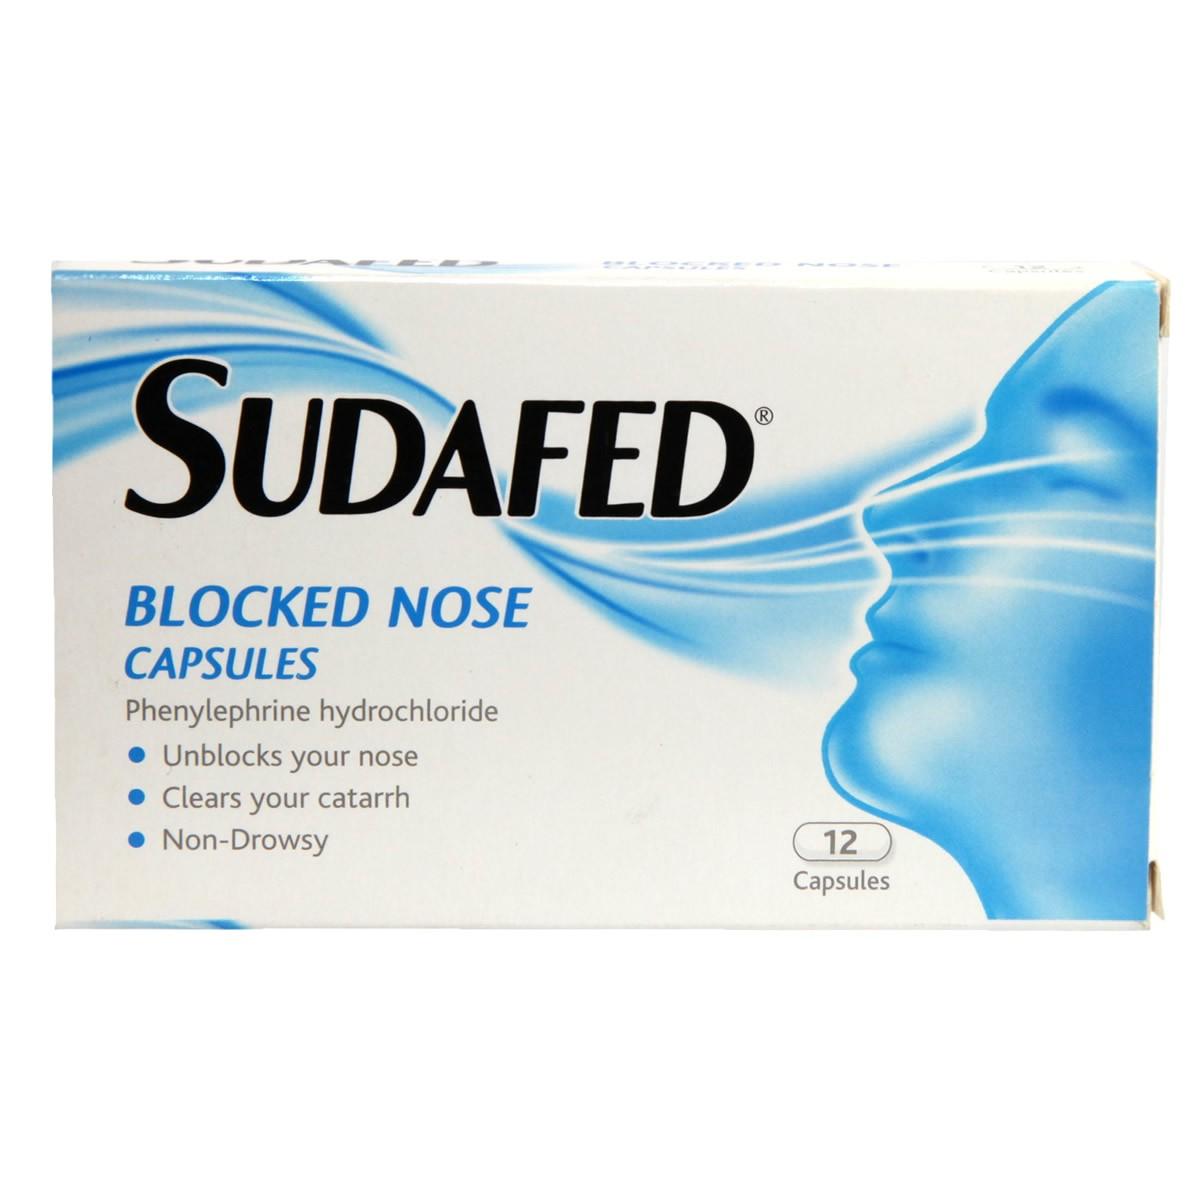 Sudafed Blocked Nose Capsules